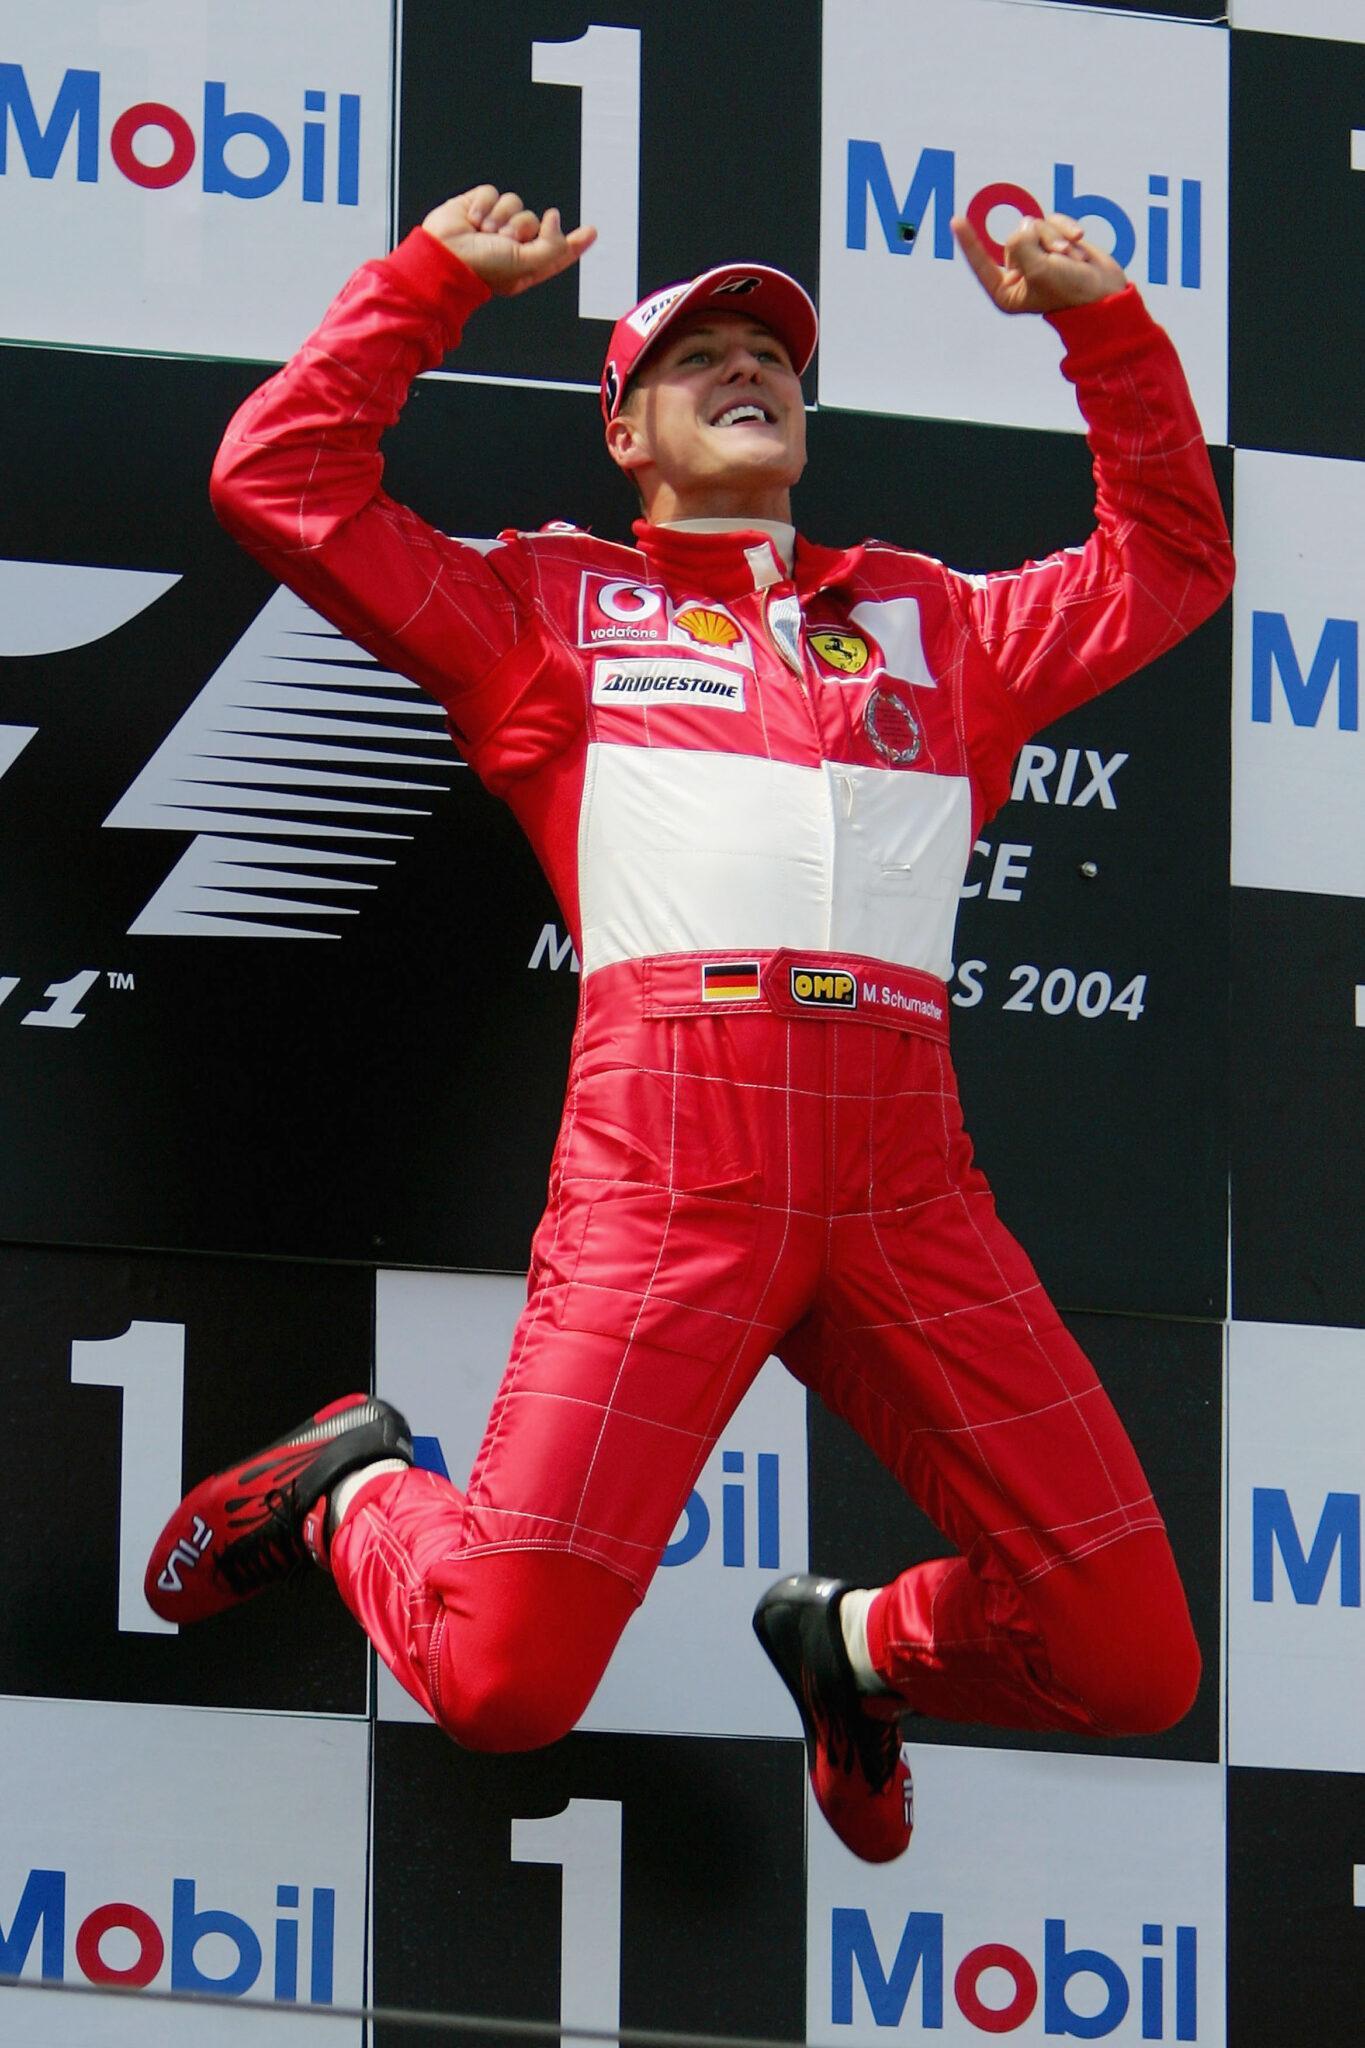 Michael Schumacher im roten Renn-Overall springt vor einer Reklamewand mit gestreckten Armen in die Luft